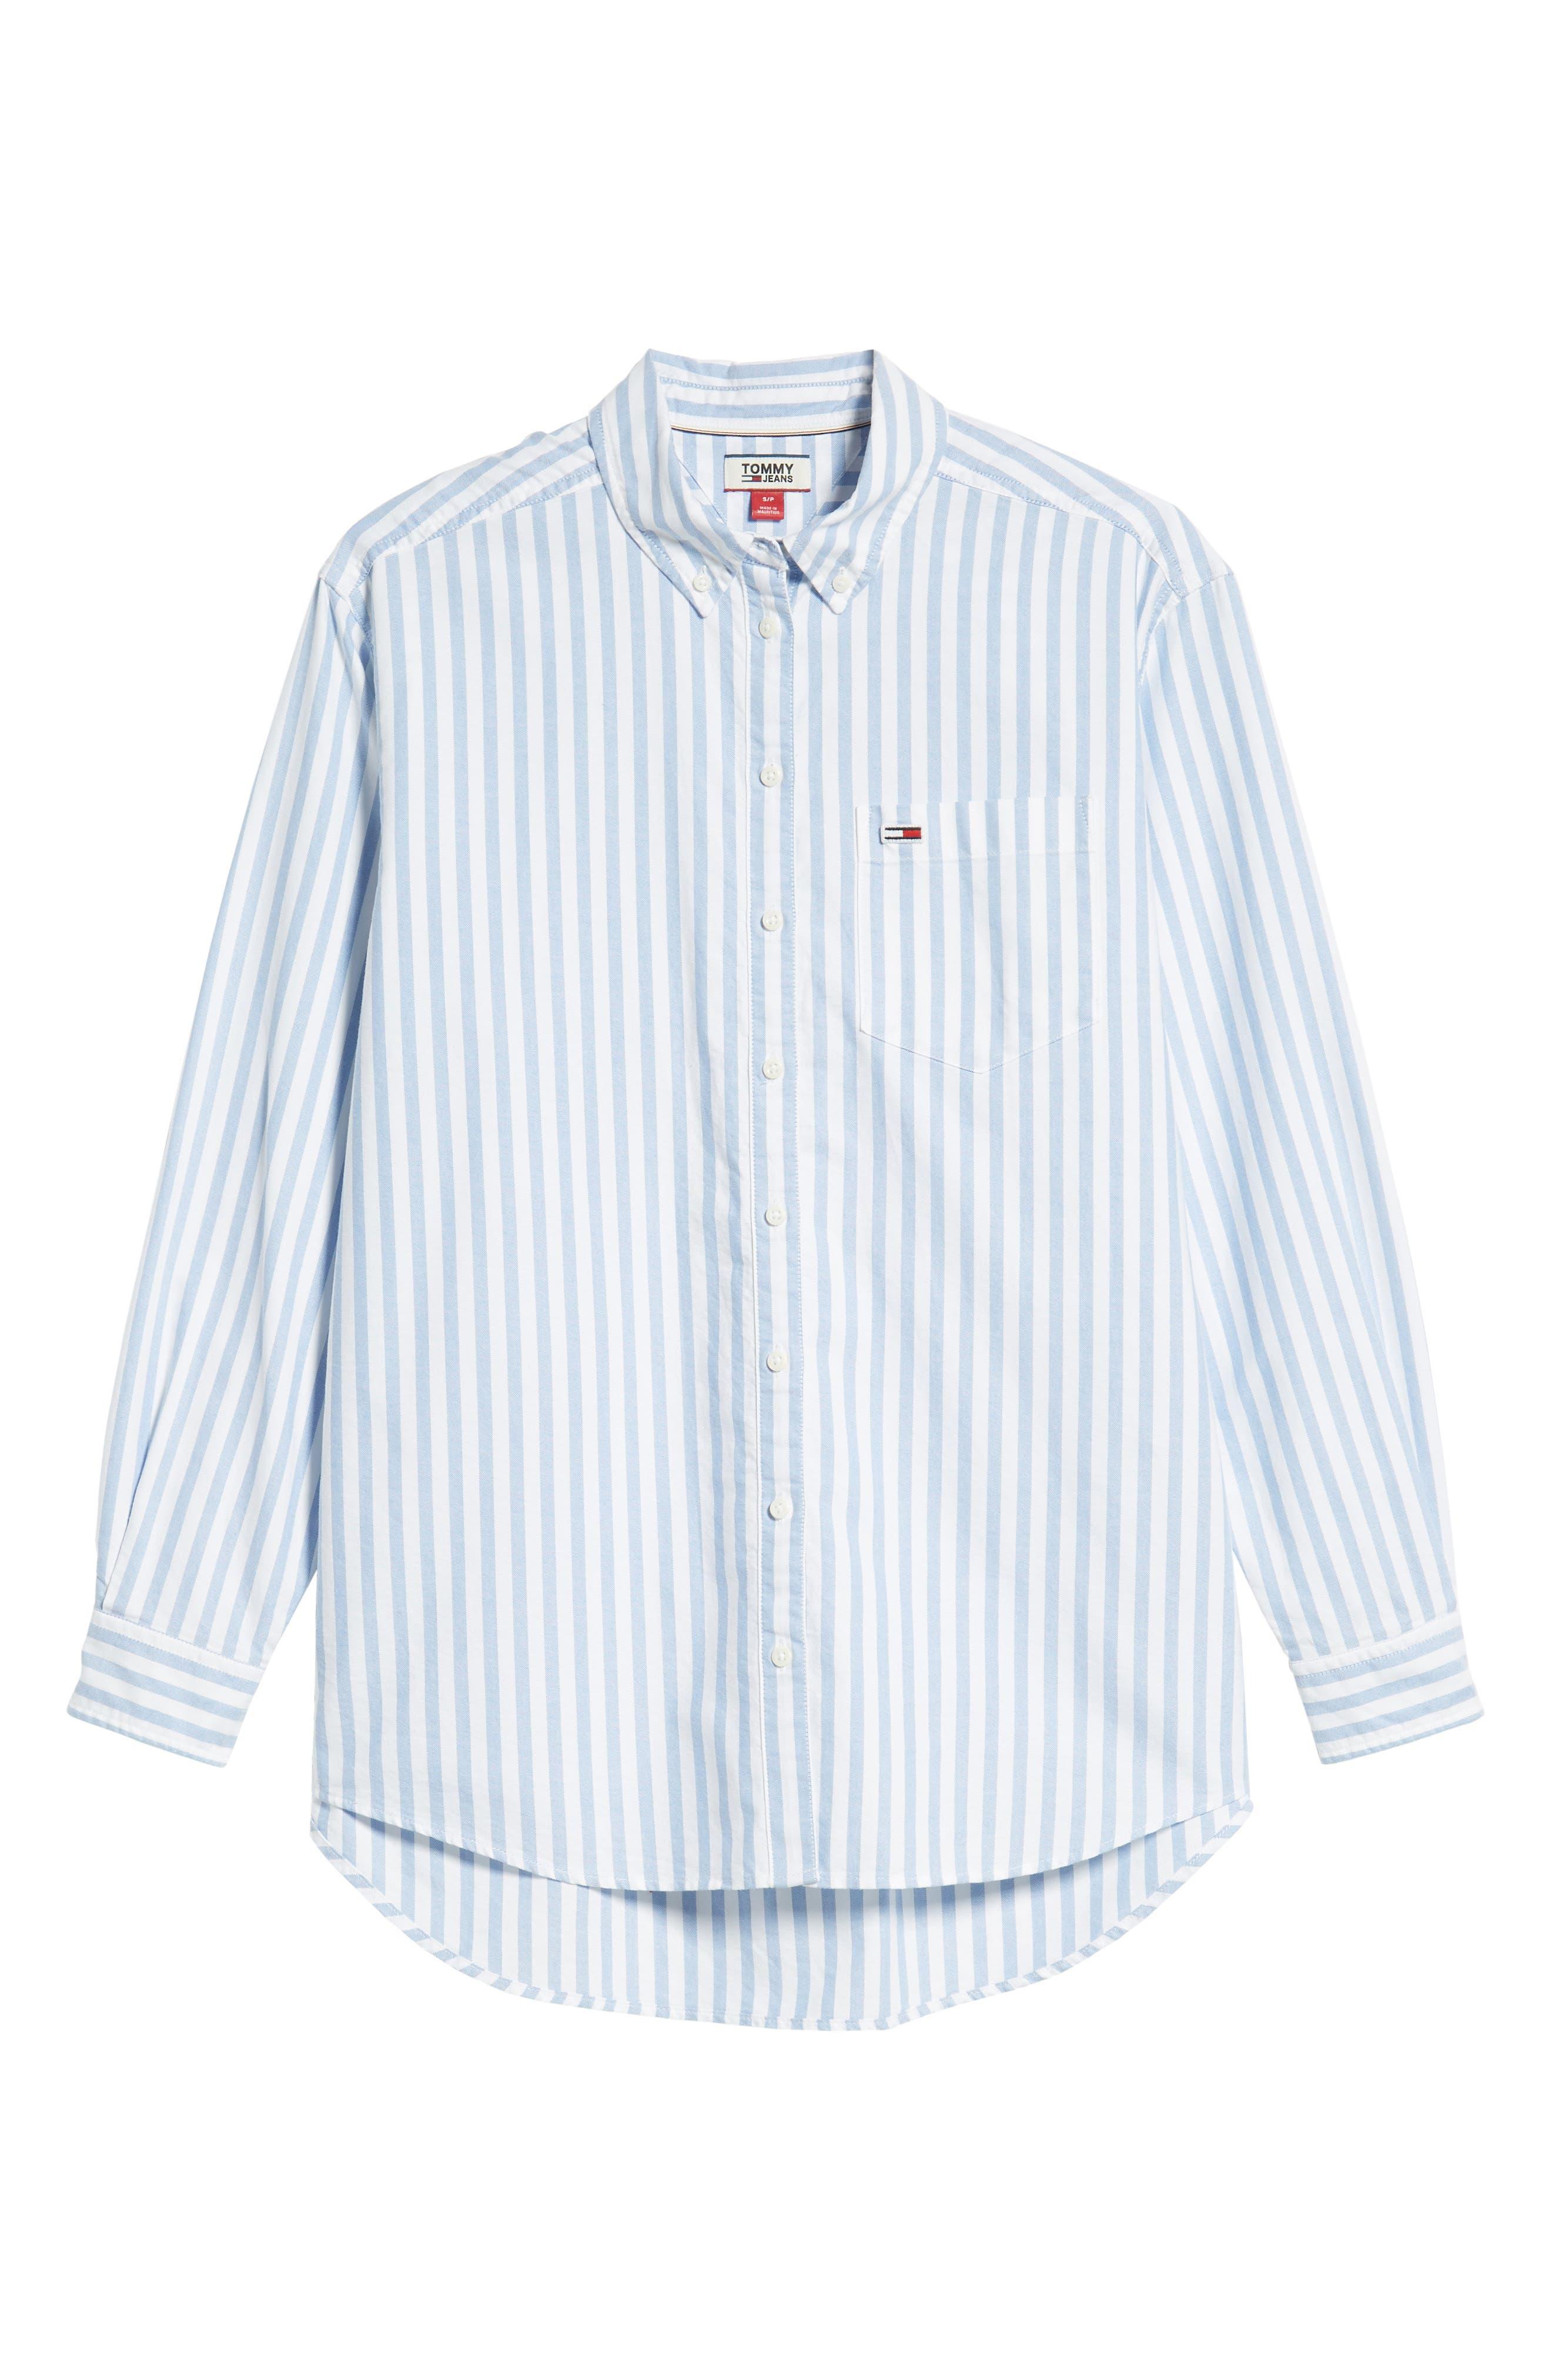 TJW Classics Stripe Shirt,                             Alternate thumbnail 6, color,                             BRIGHT WHITE / LIGHT BLUE